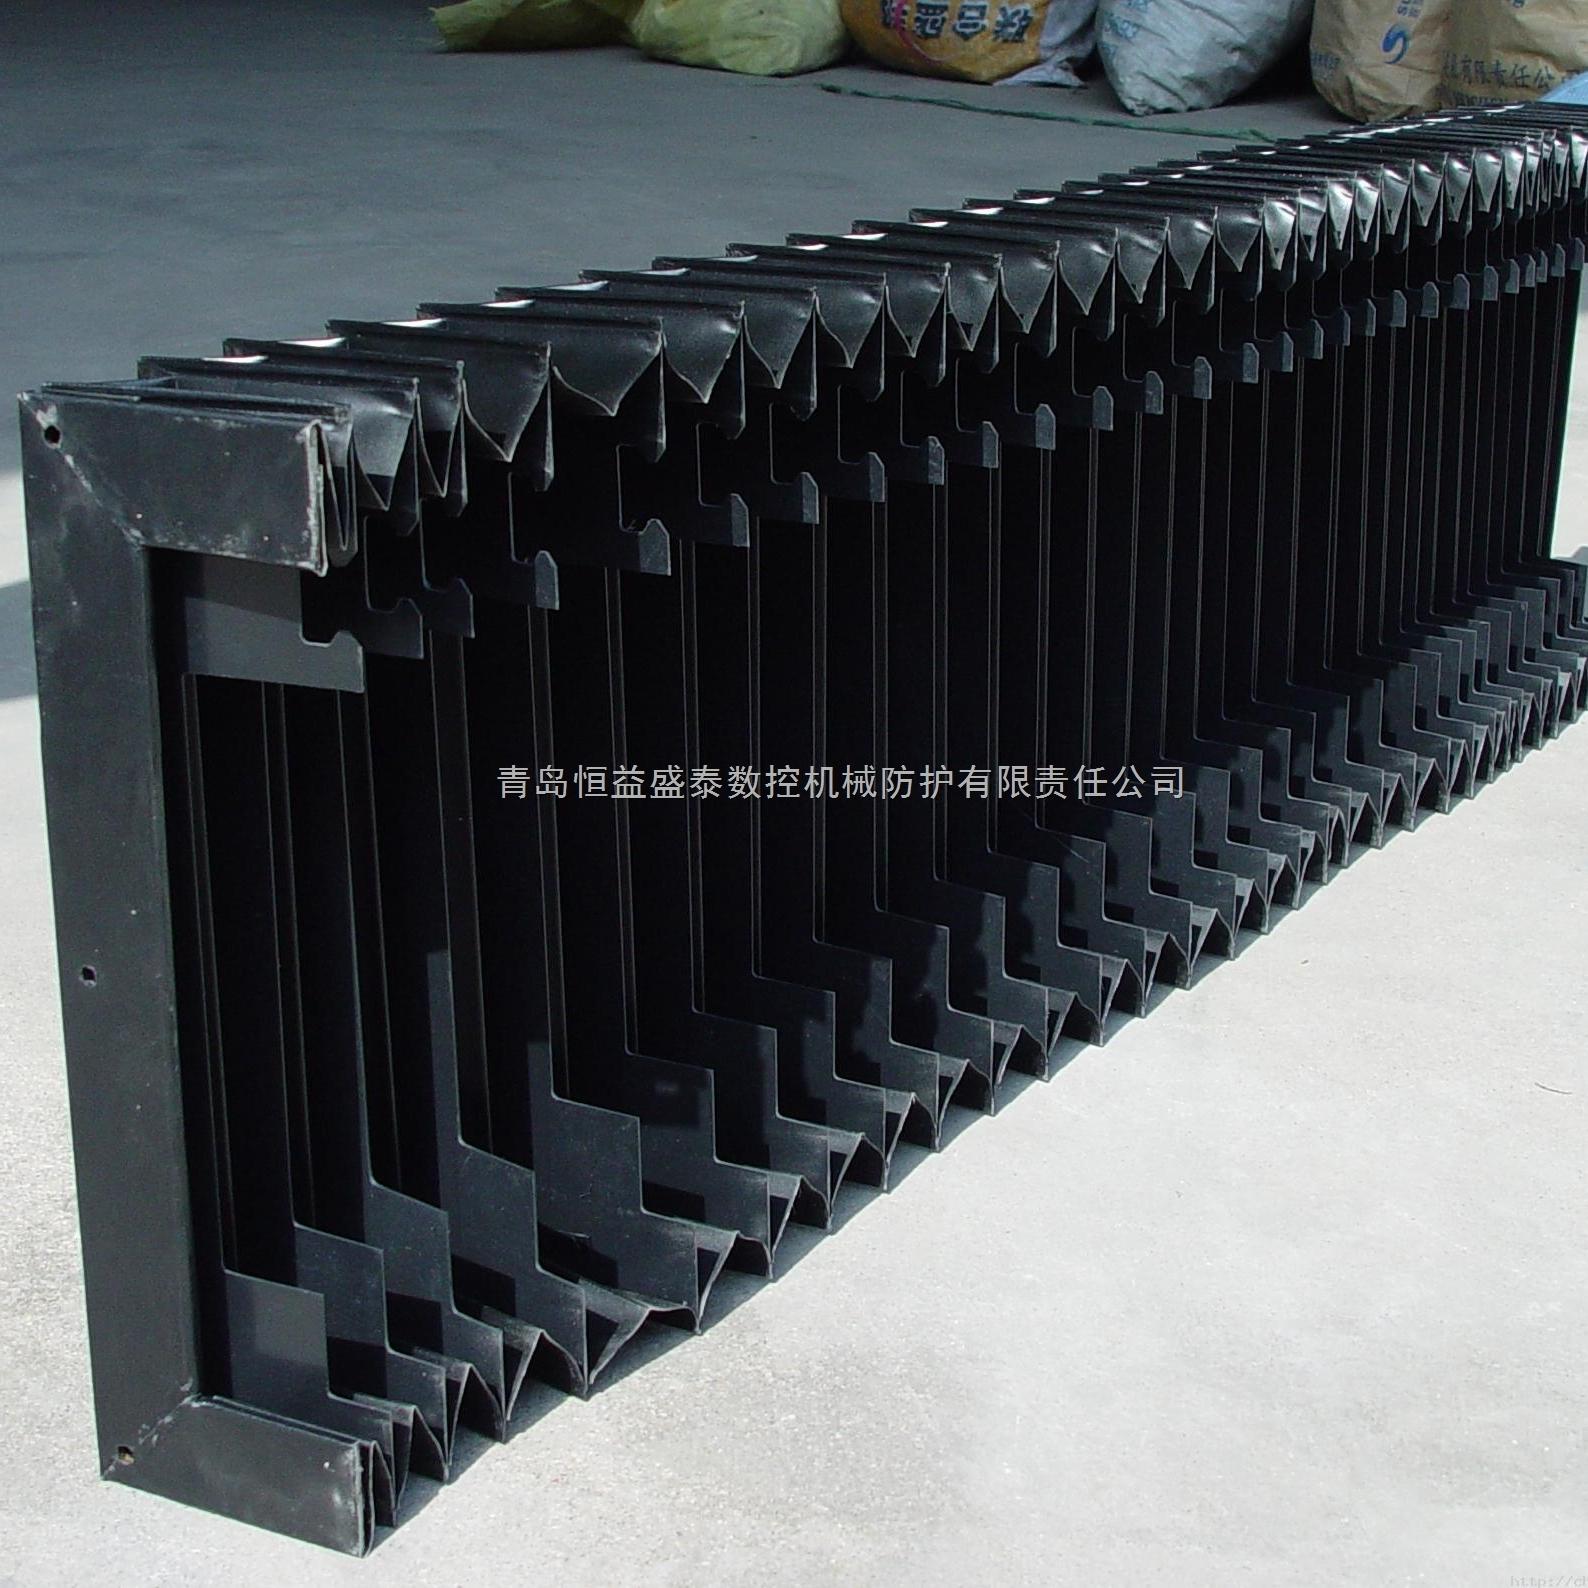 切台机用风琴防护罩的生产厂家